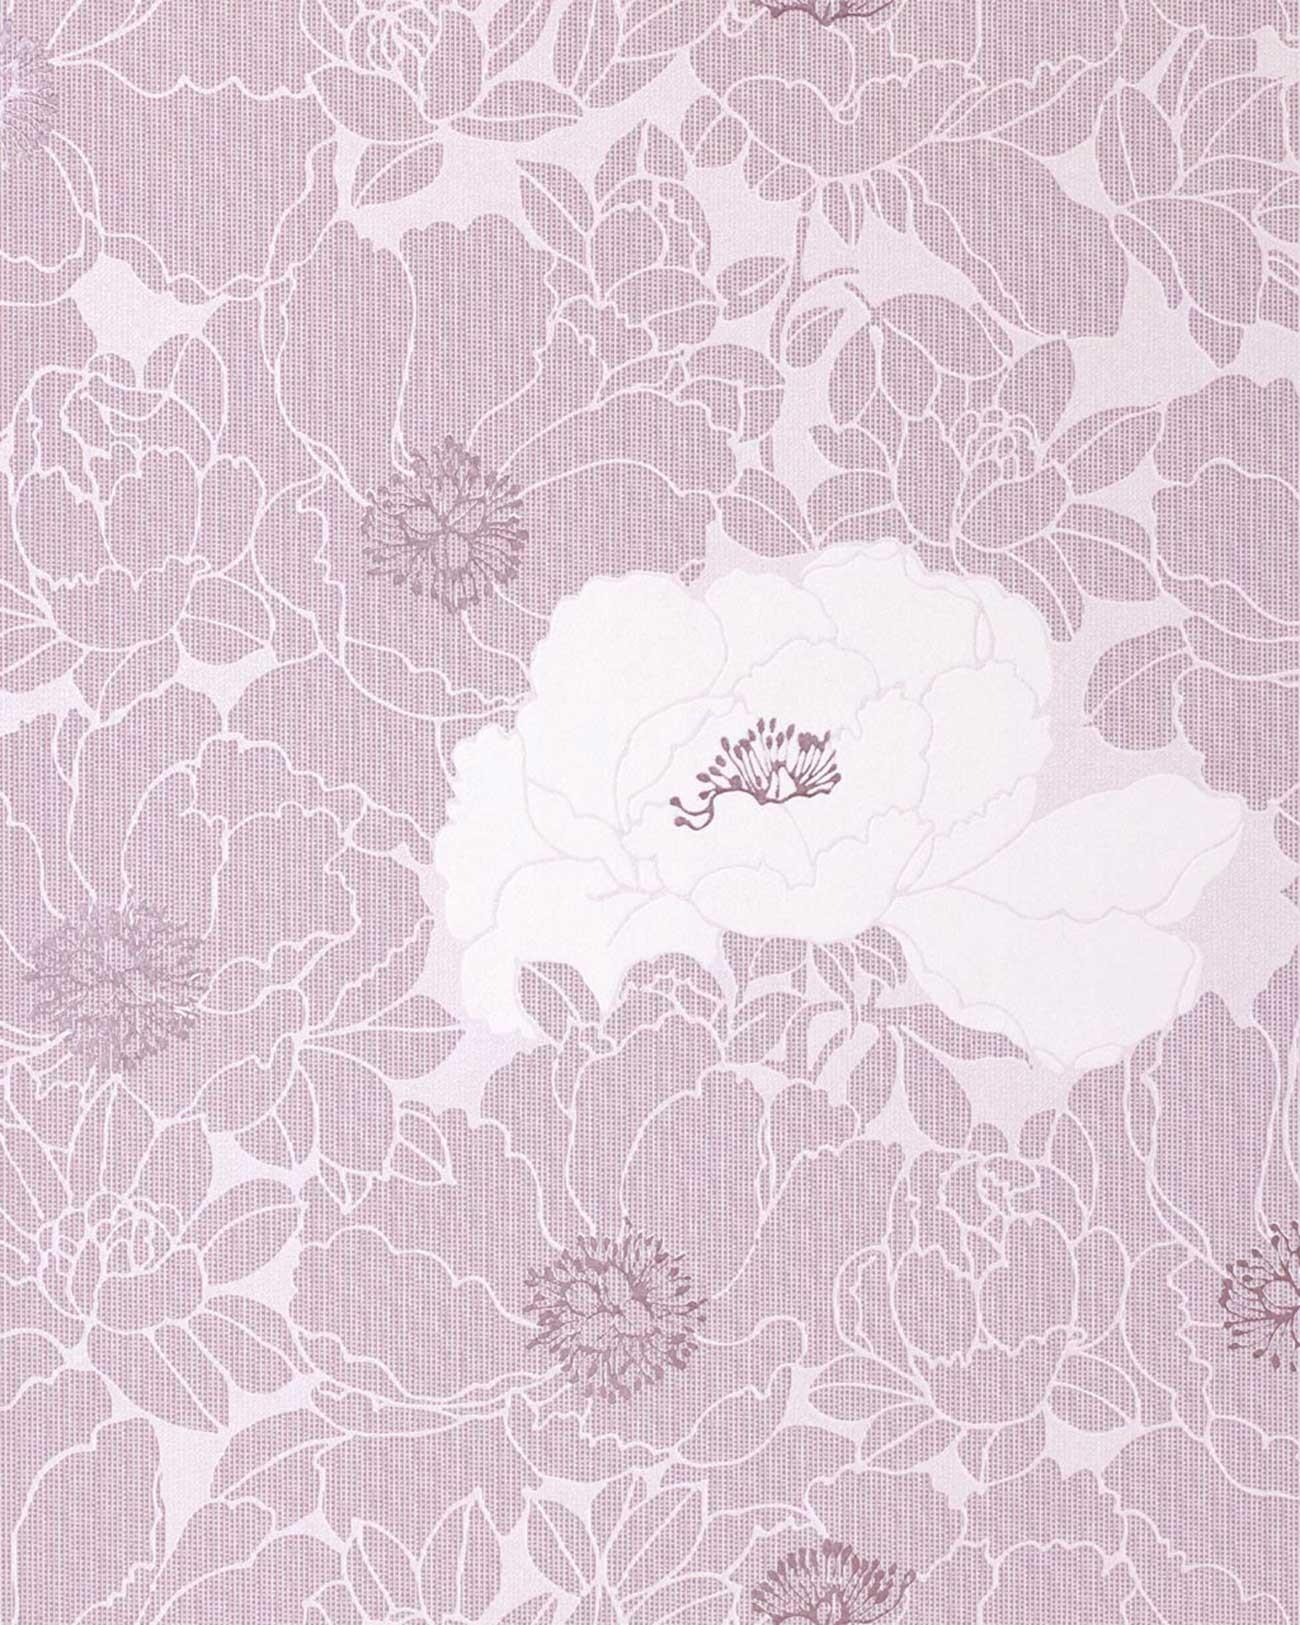 edem 025 24 designer blumen floral tapete lavendel pastell violett hell lila original edem. Black Bedroom Furniture Sets. Home Design Ideas